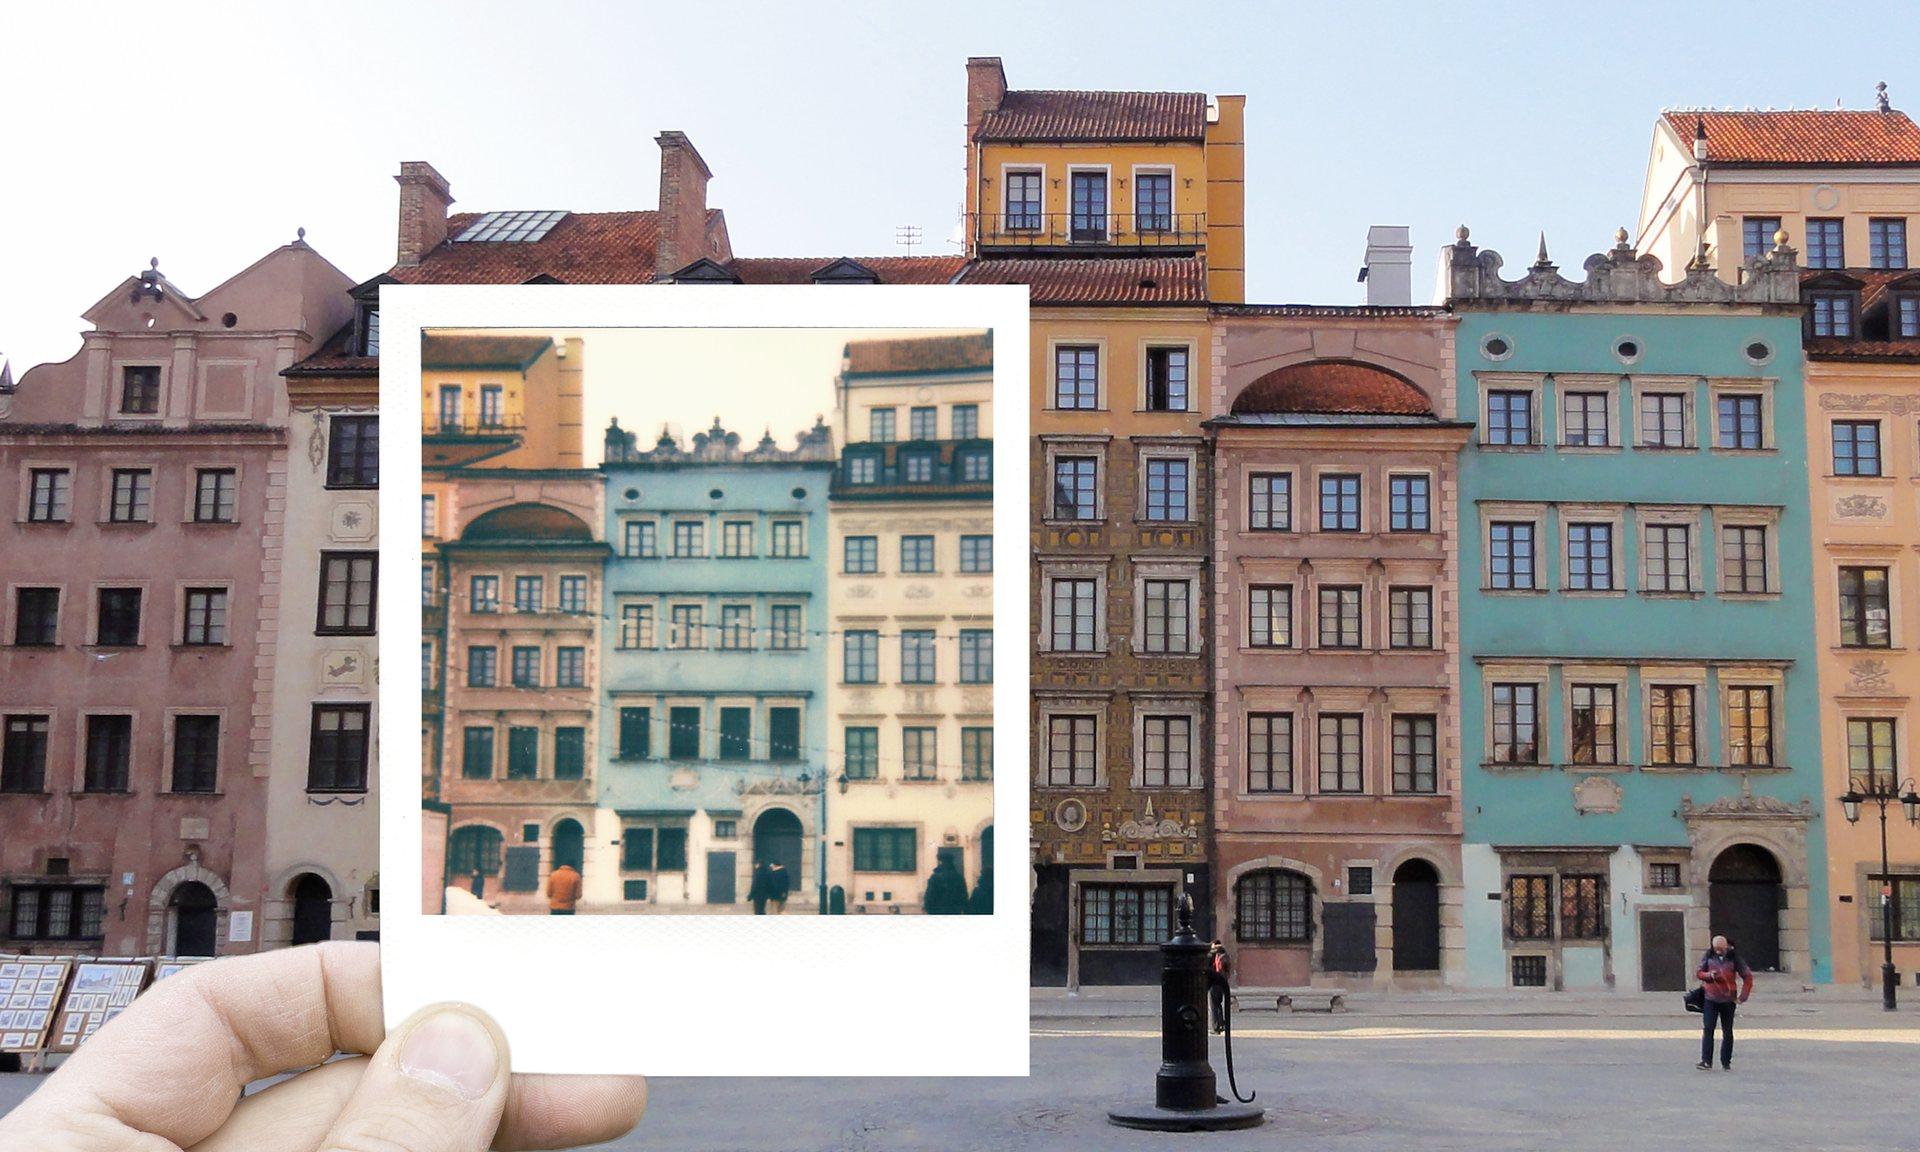 Zabudnite na turistické príručky. Týchto 10 špeciálnych prehliadok európskych miest vás očarí